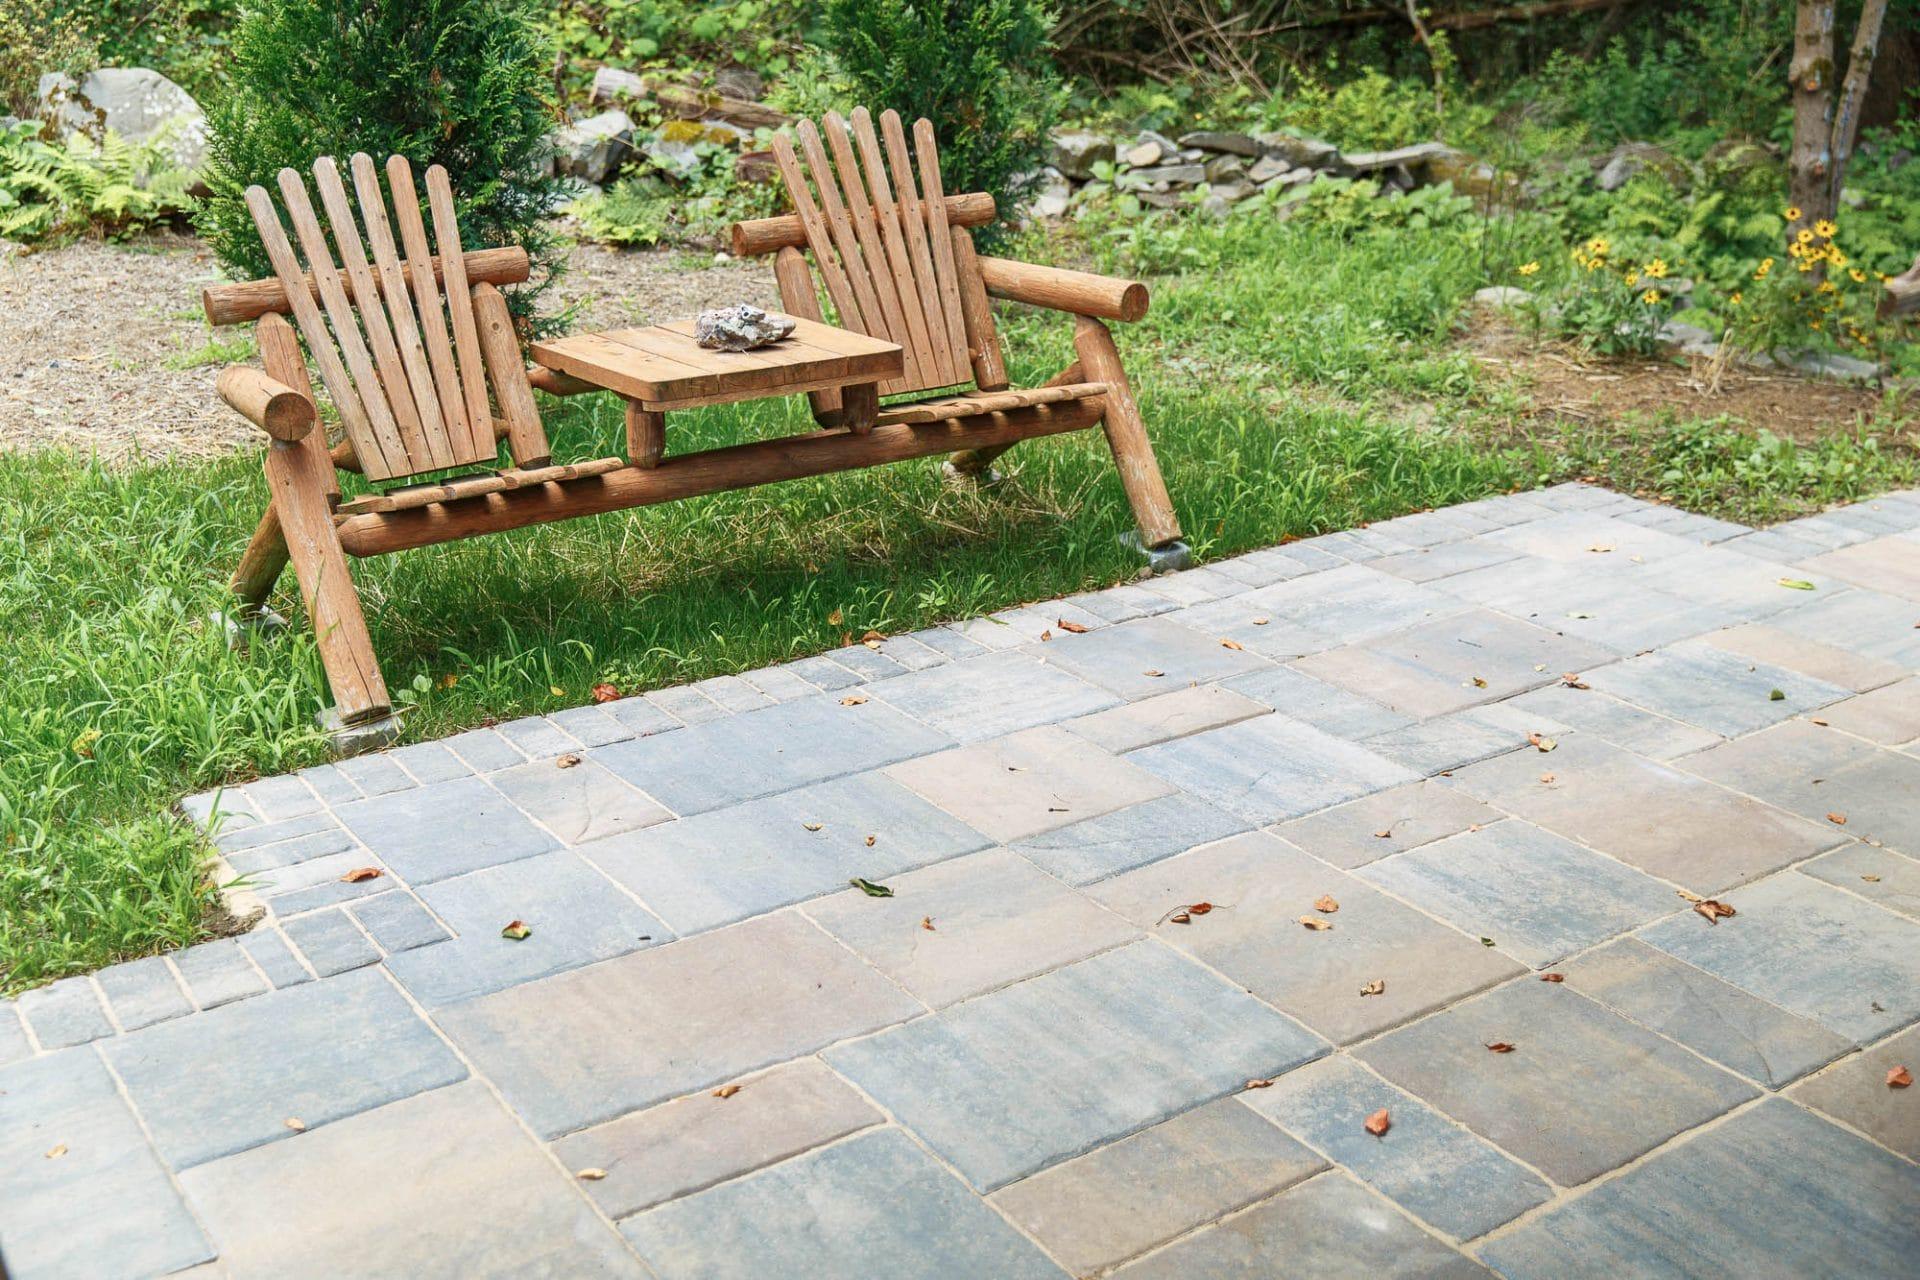 Belgard precast concrete patio with border course.